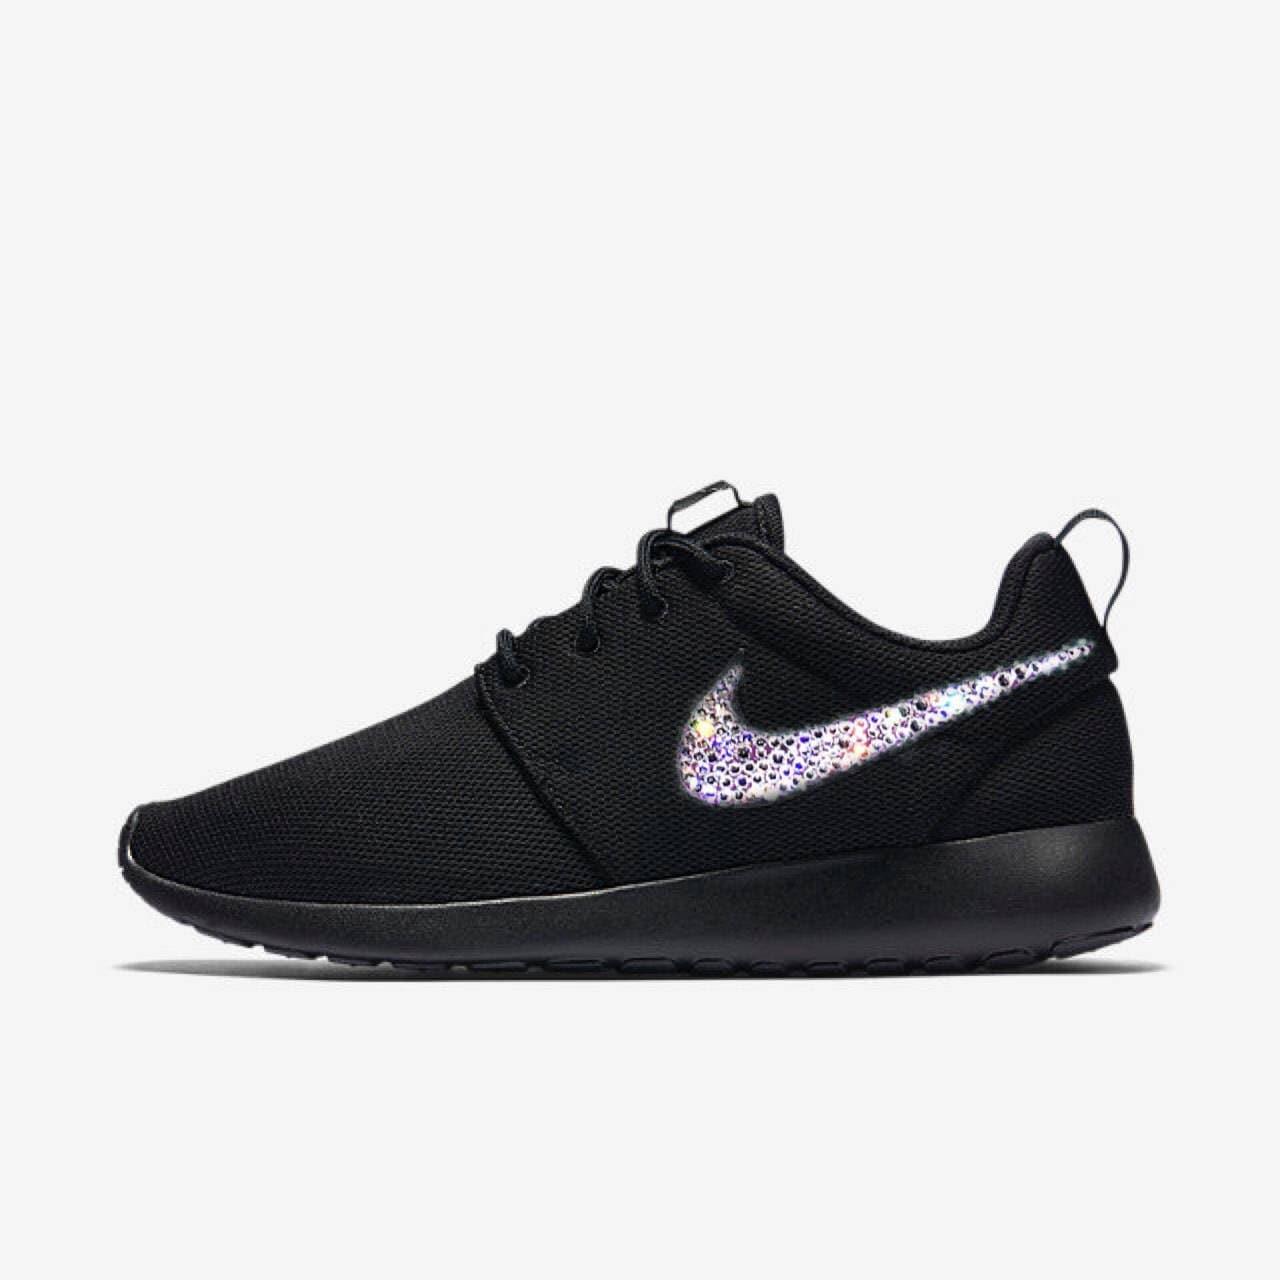 4dffa07a40d05b Nike Roshe un Bling chaussures en cristal de chaussures de course noir  Swarovski cristaux femmes